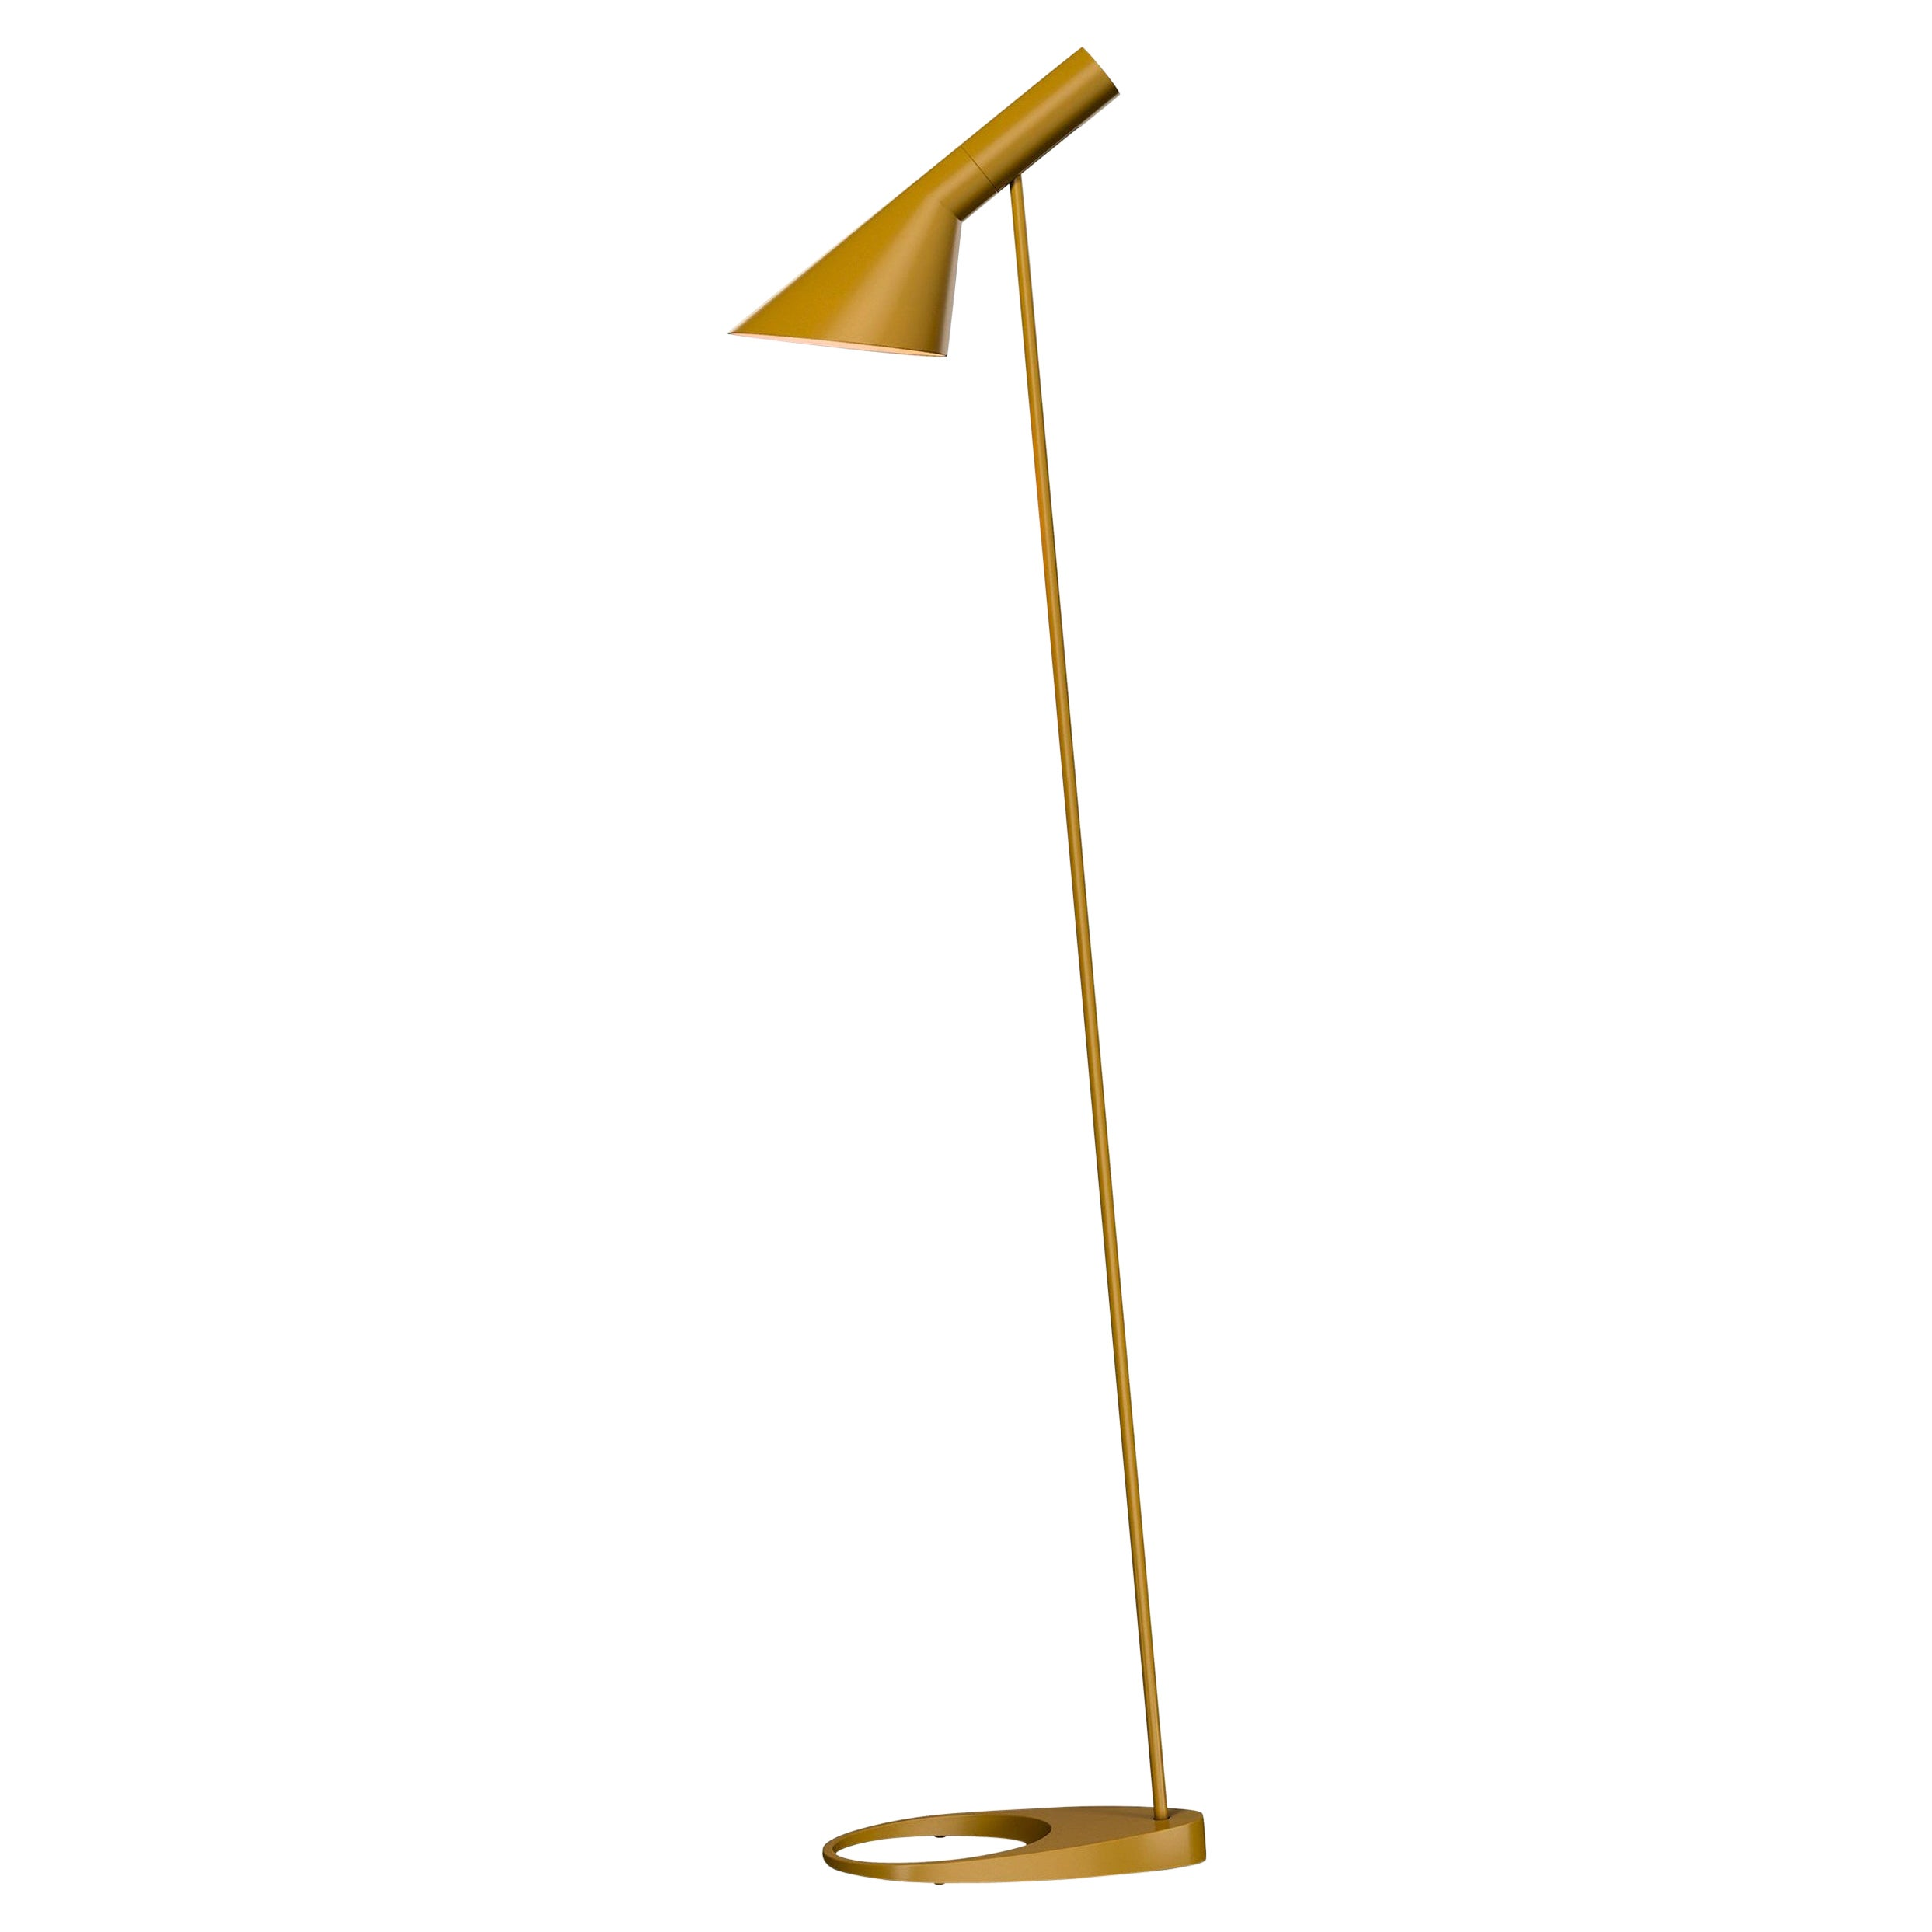 Arne Jacobsen AJ Floor Lamp in Yellow for Louis Poulsen